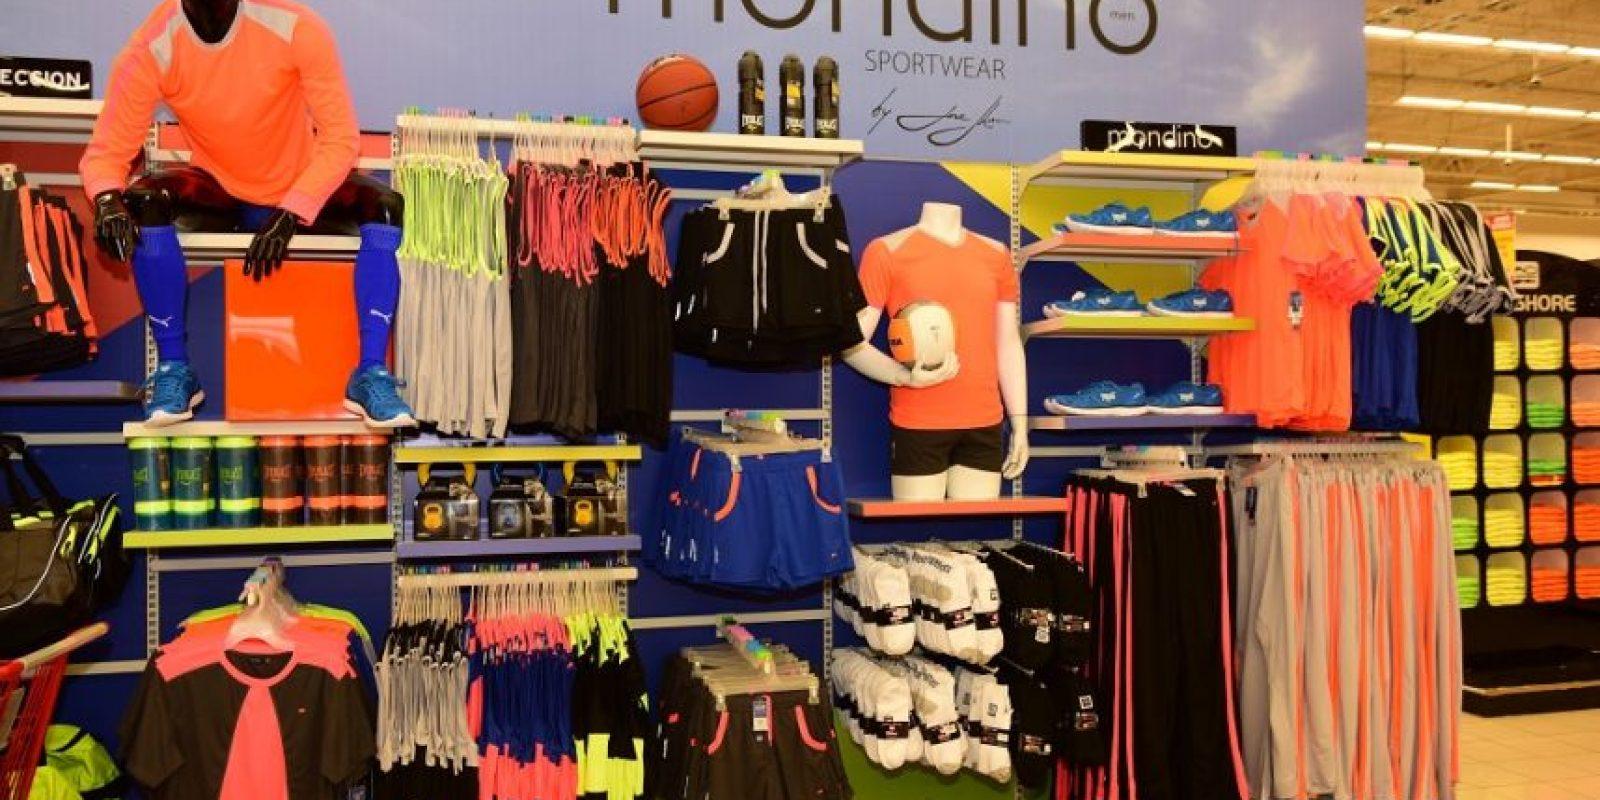 La nueva colección deportiva Mondino Sportwear by José Jhan ya está disponible en todas las tiendas Jumbo. Foto:cortesía de Grupo ccn